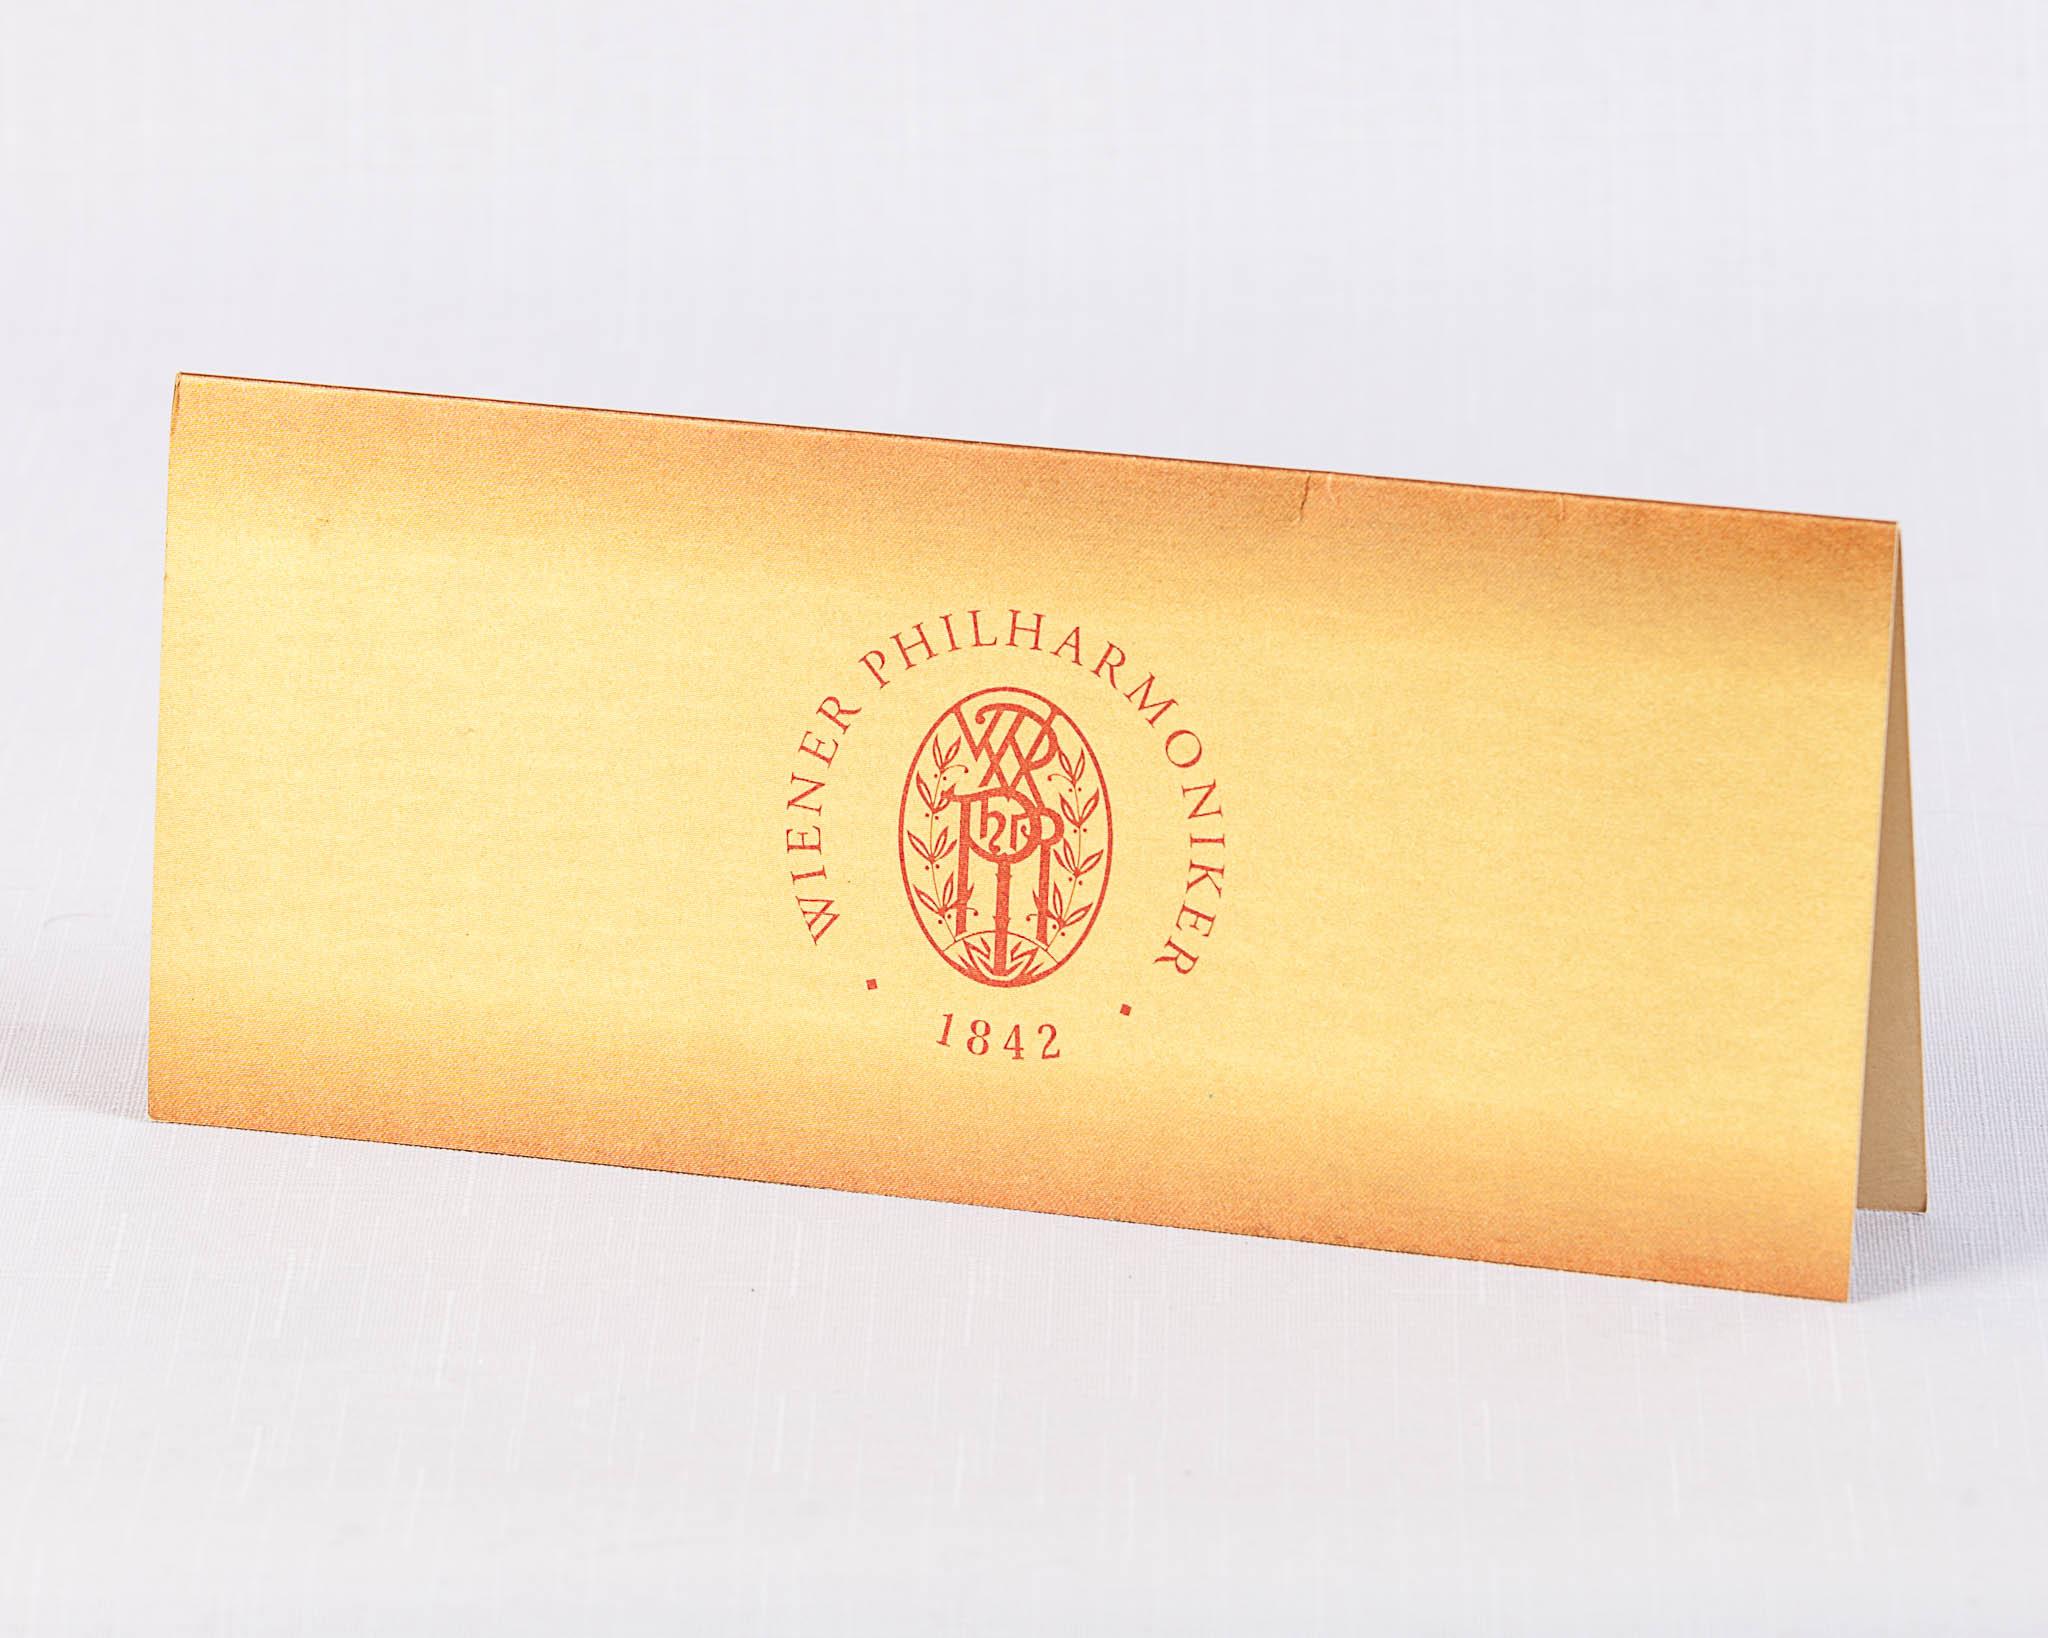 Приглашение на золотой бумаге для венской филармонии